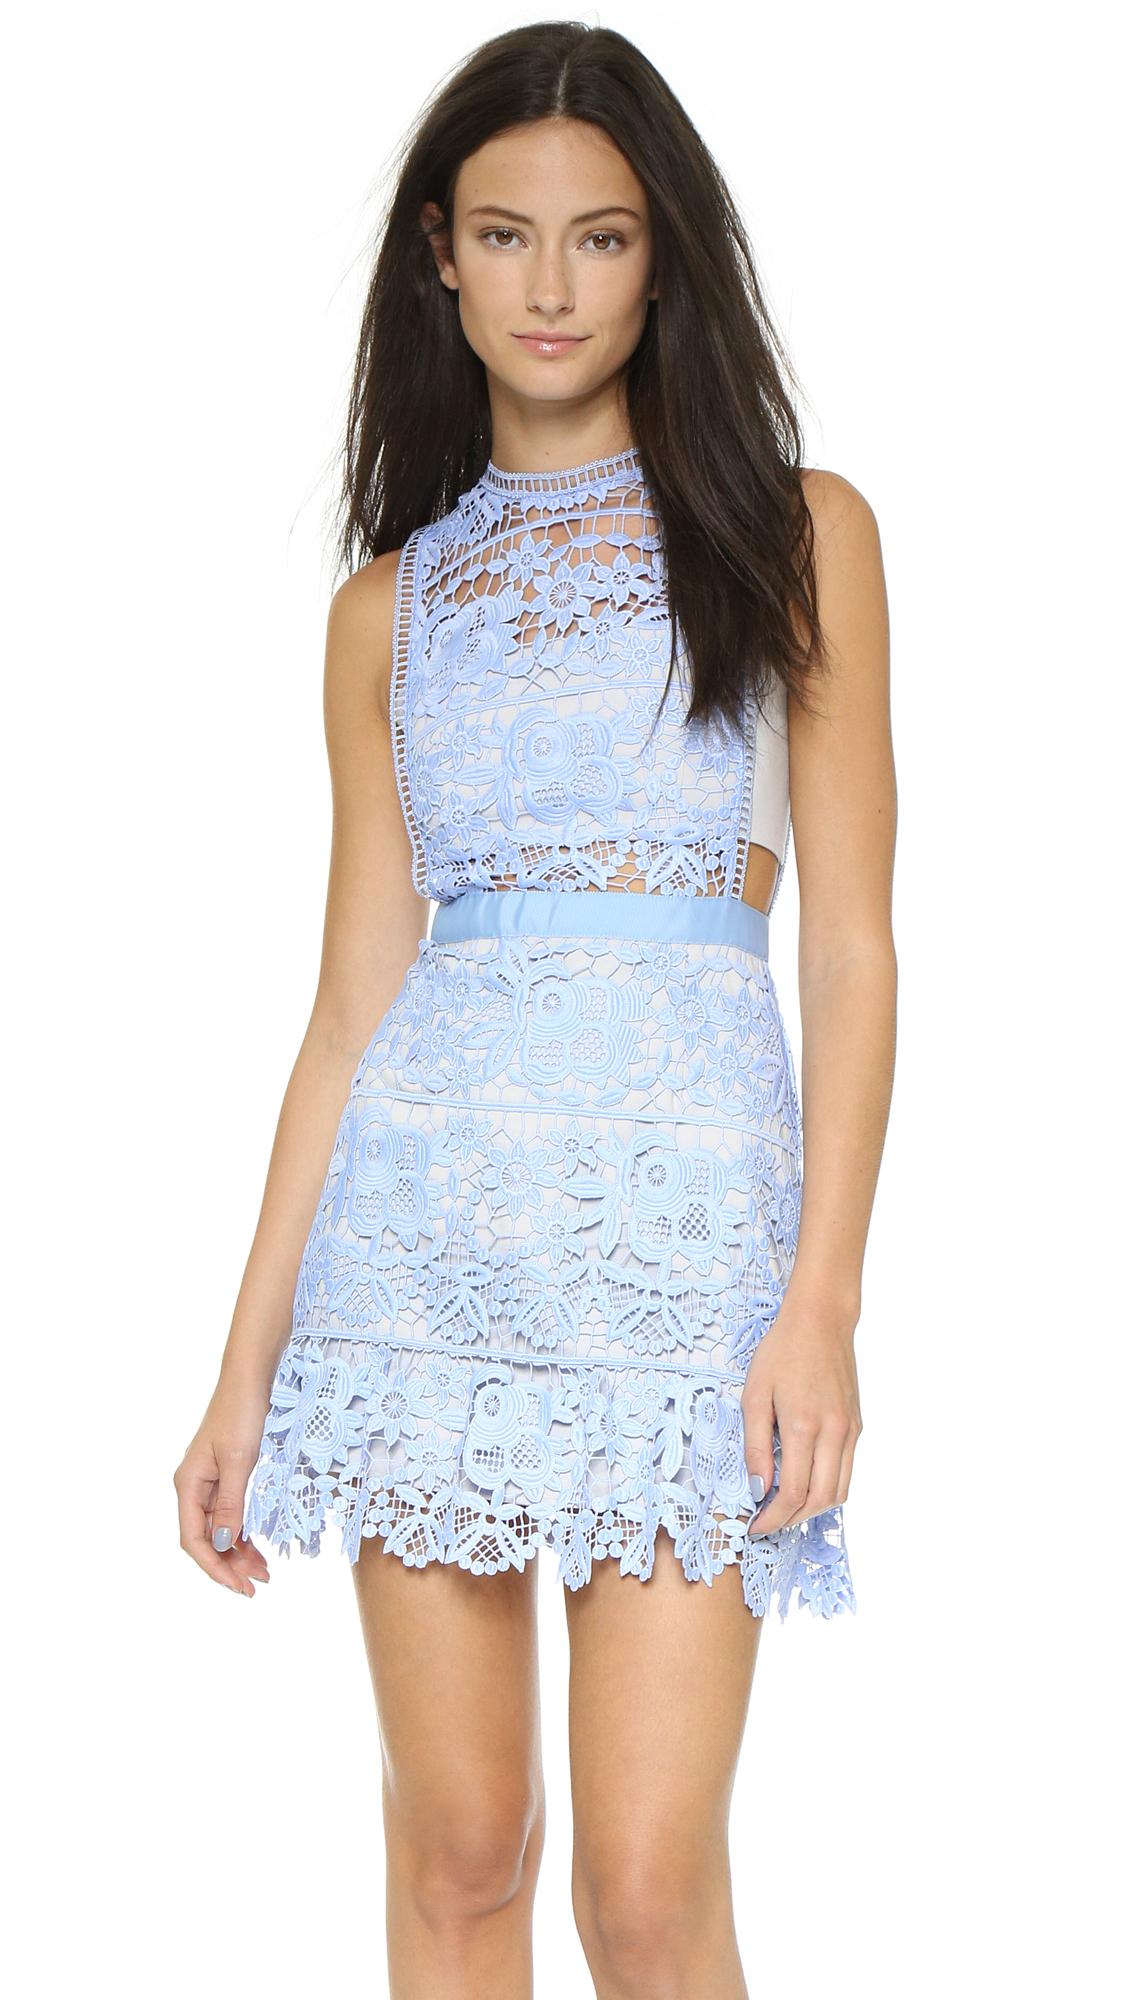 1b8396c1de3 Self-Portrait Lace Minidress - Pale Blue in Blue - Lyst